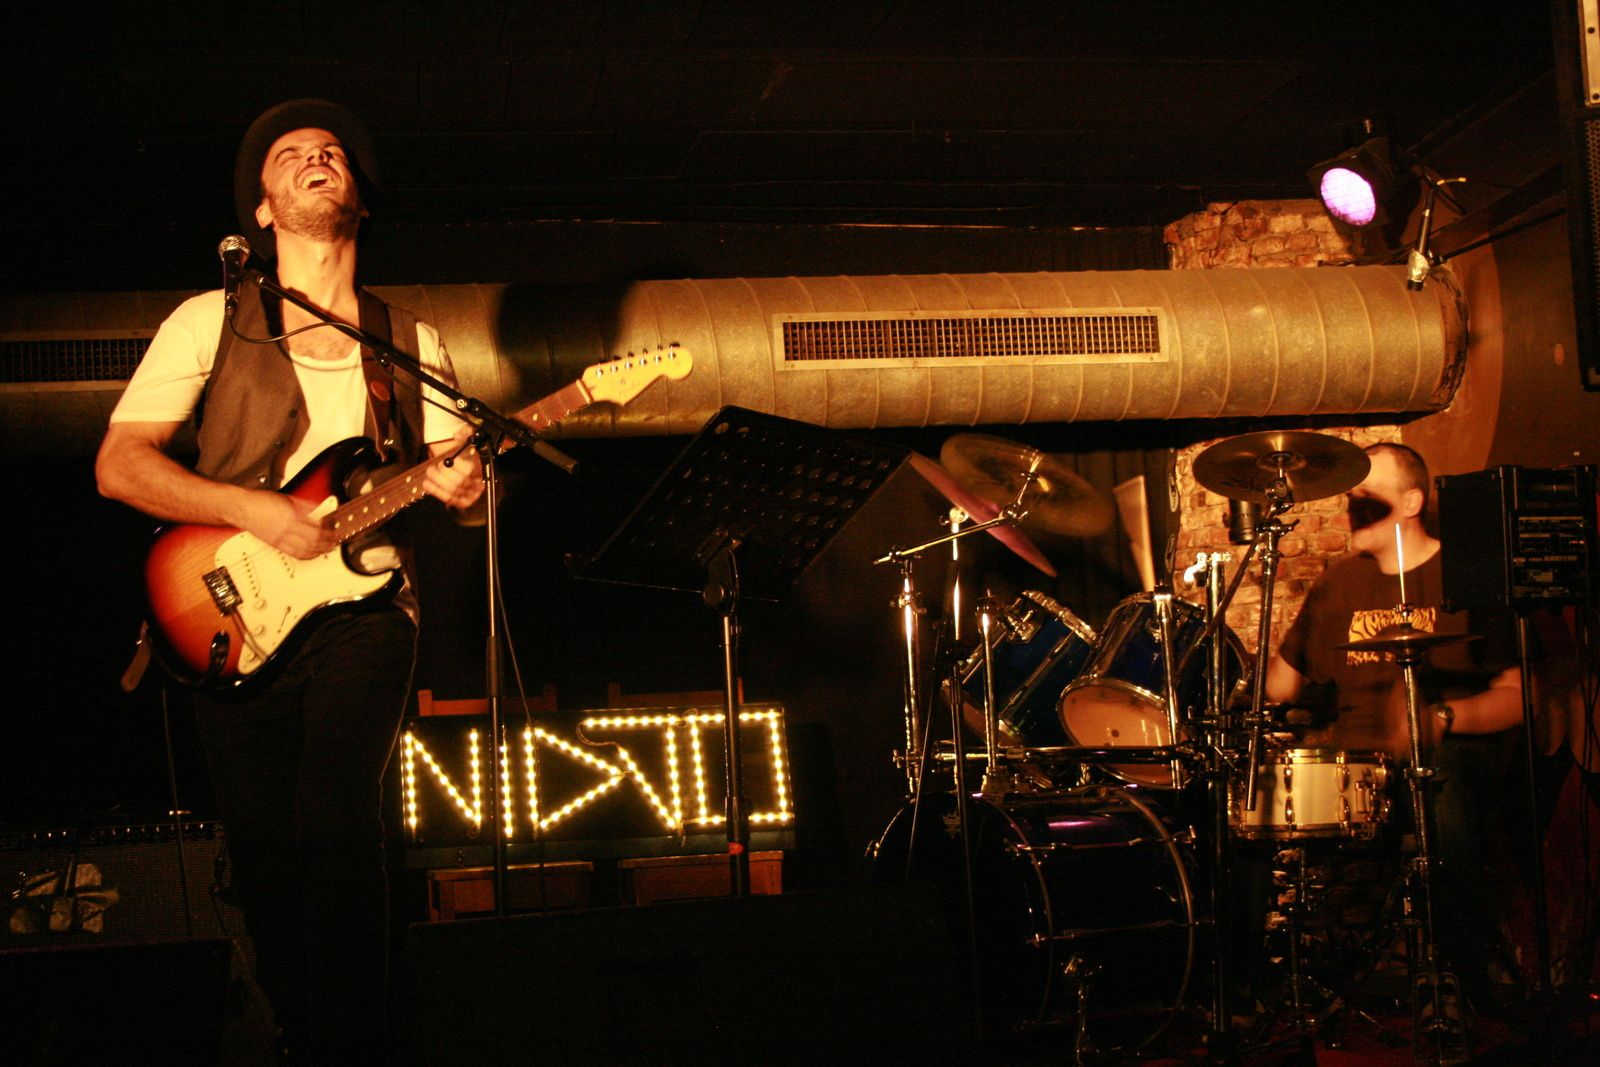 New : Nidjo @ Live Music Café - 15/1/2014 - 21h00 - Entrée gratuite !